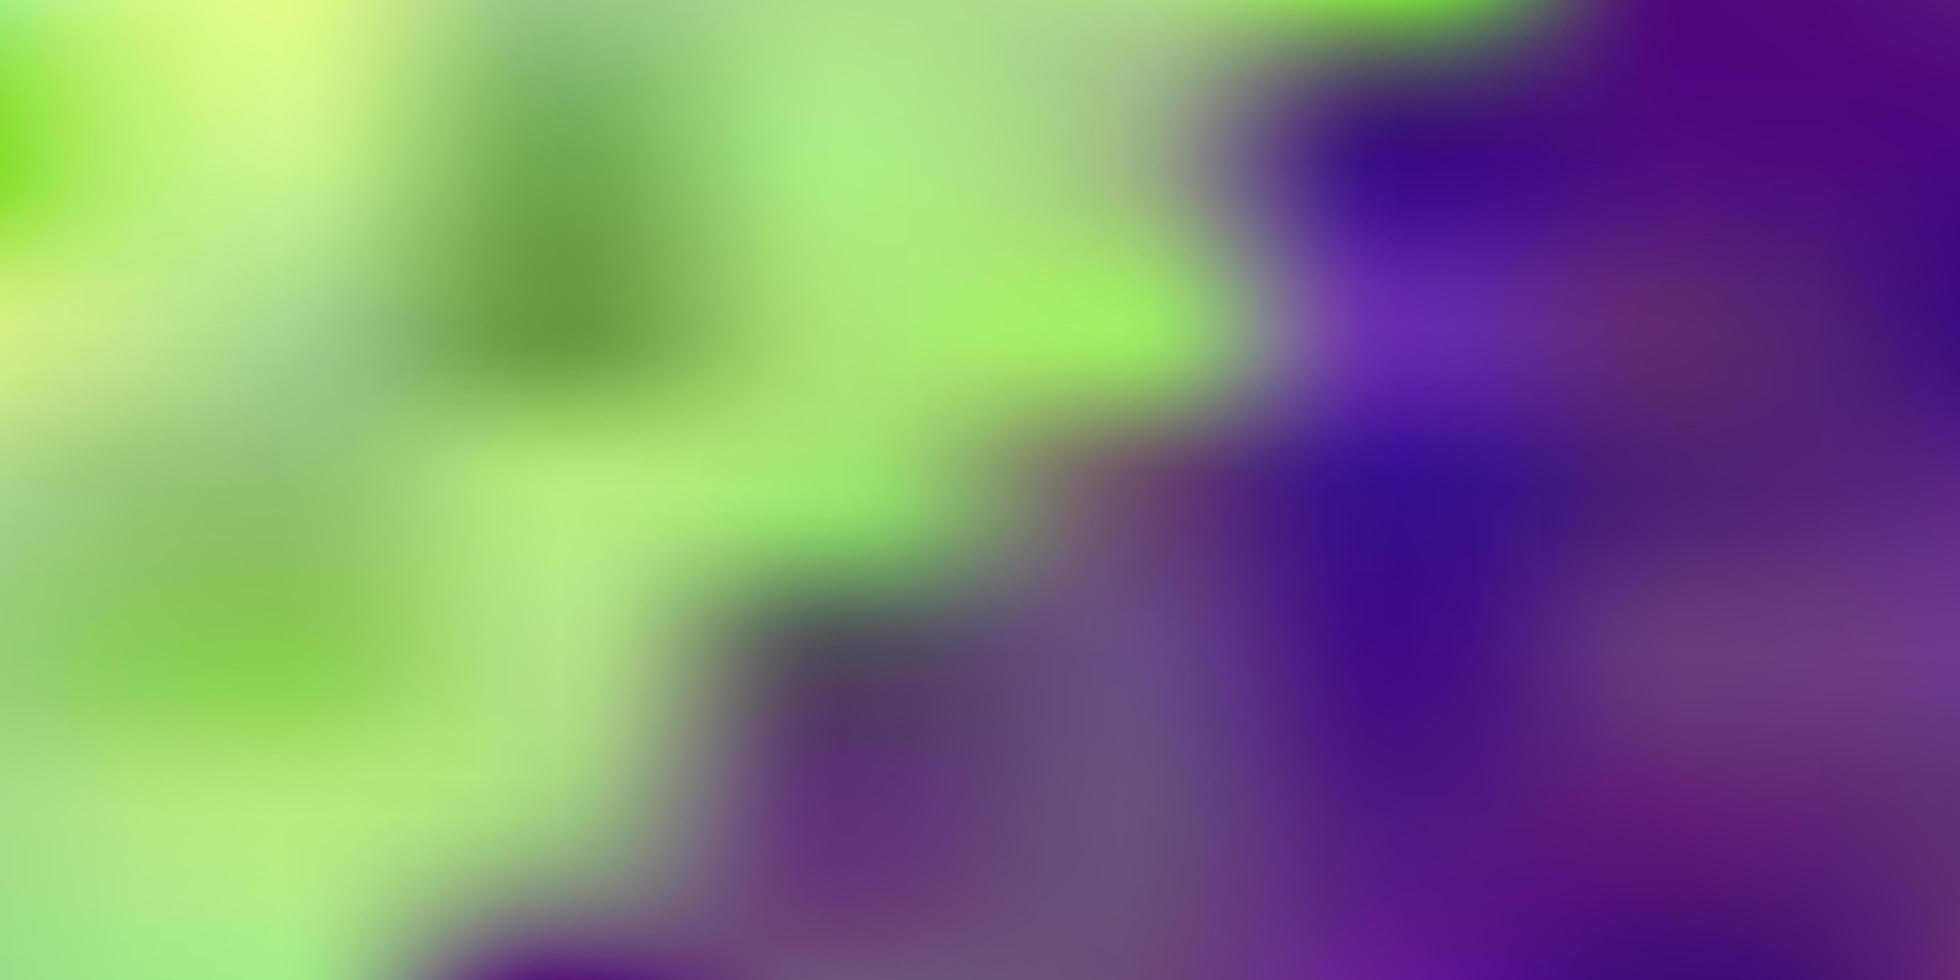 disposition de flou de vecteur violet clair.